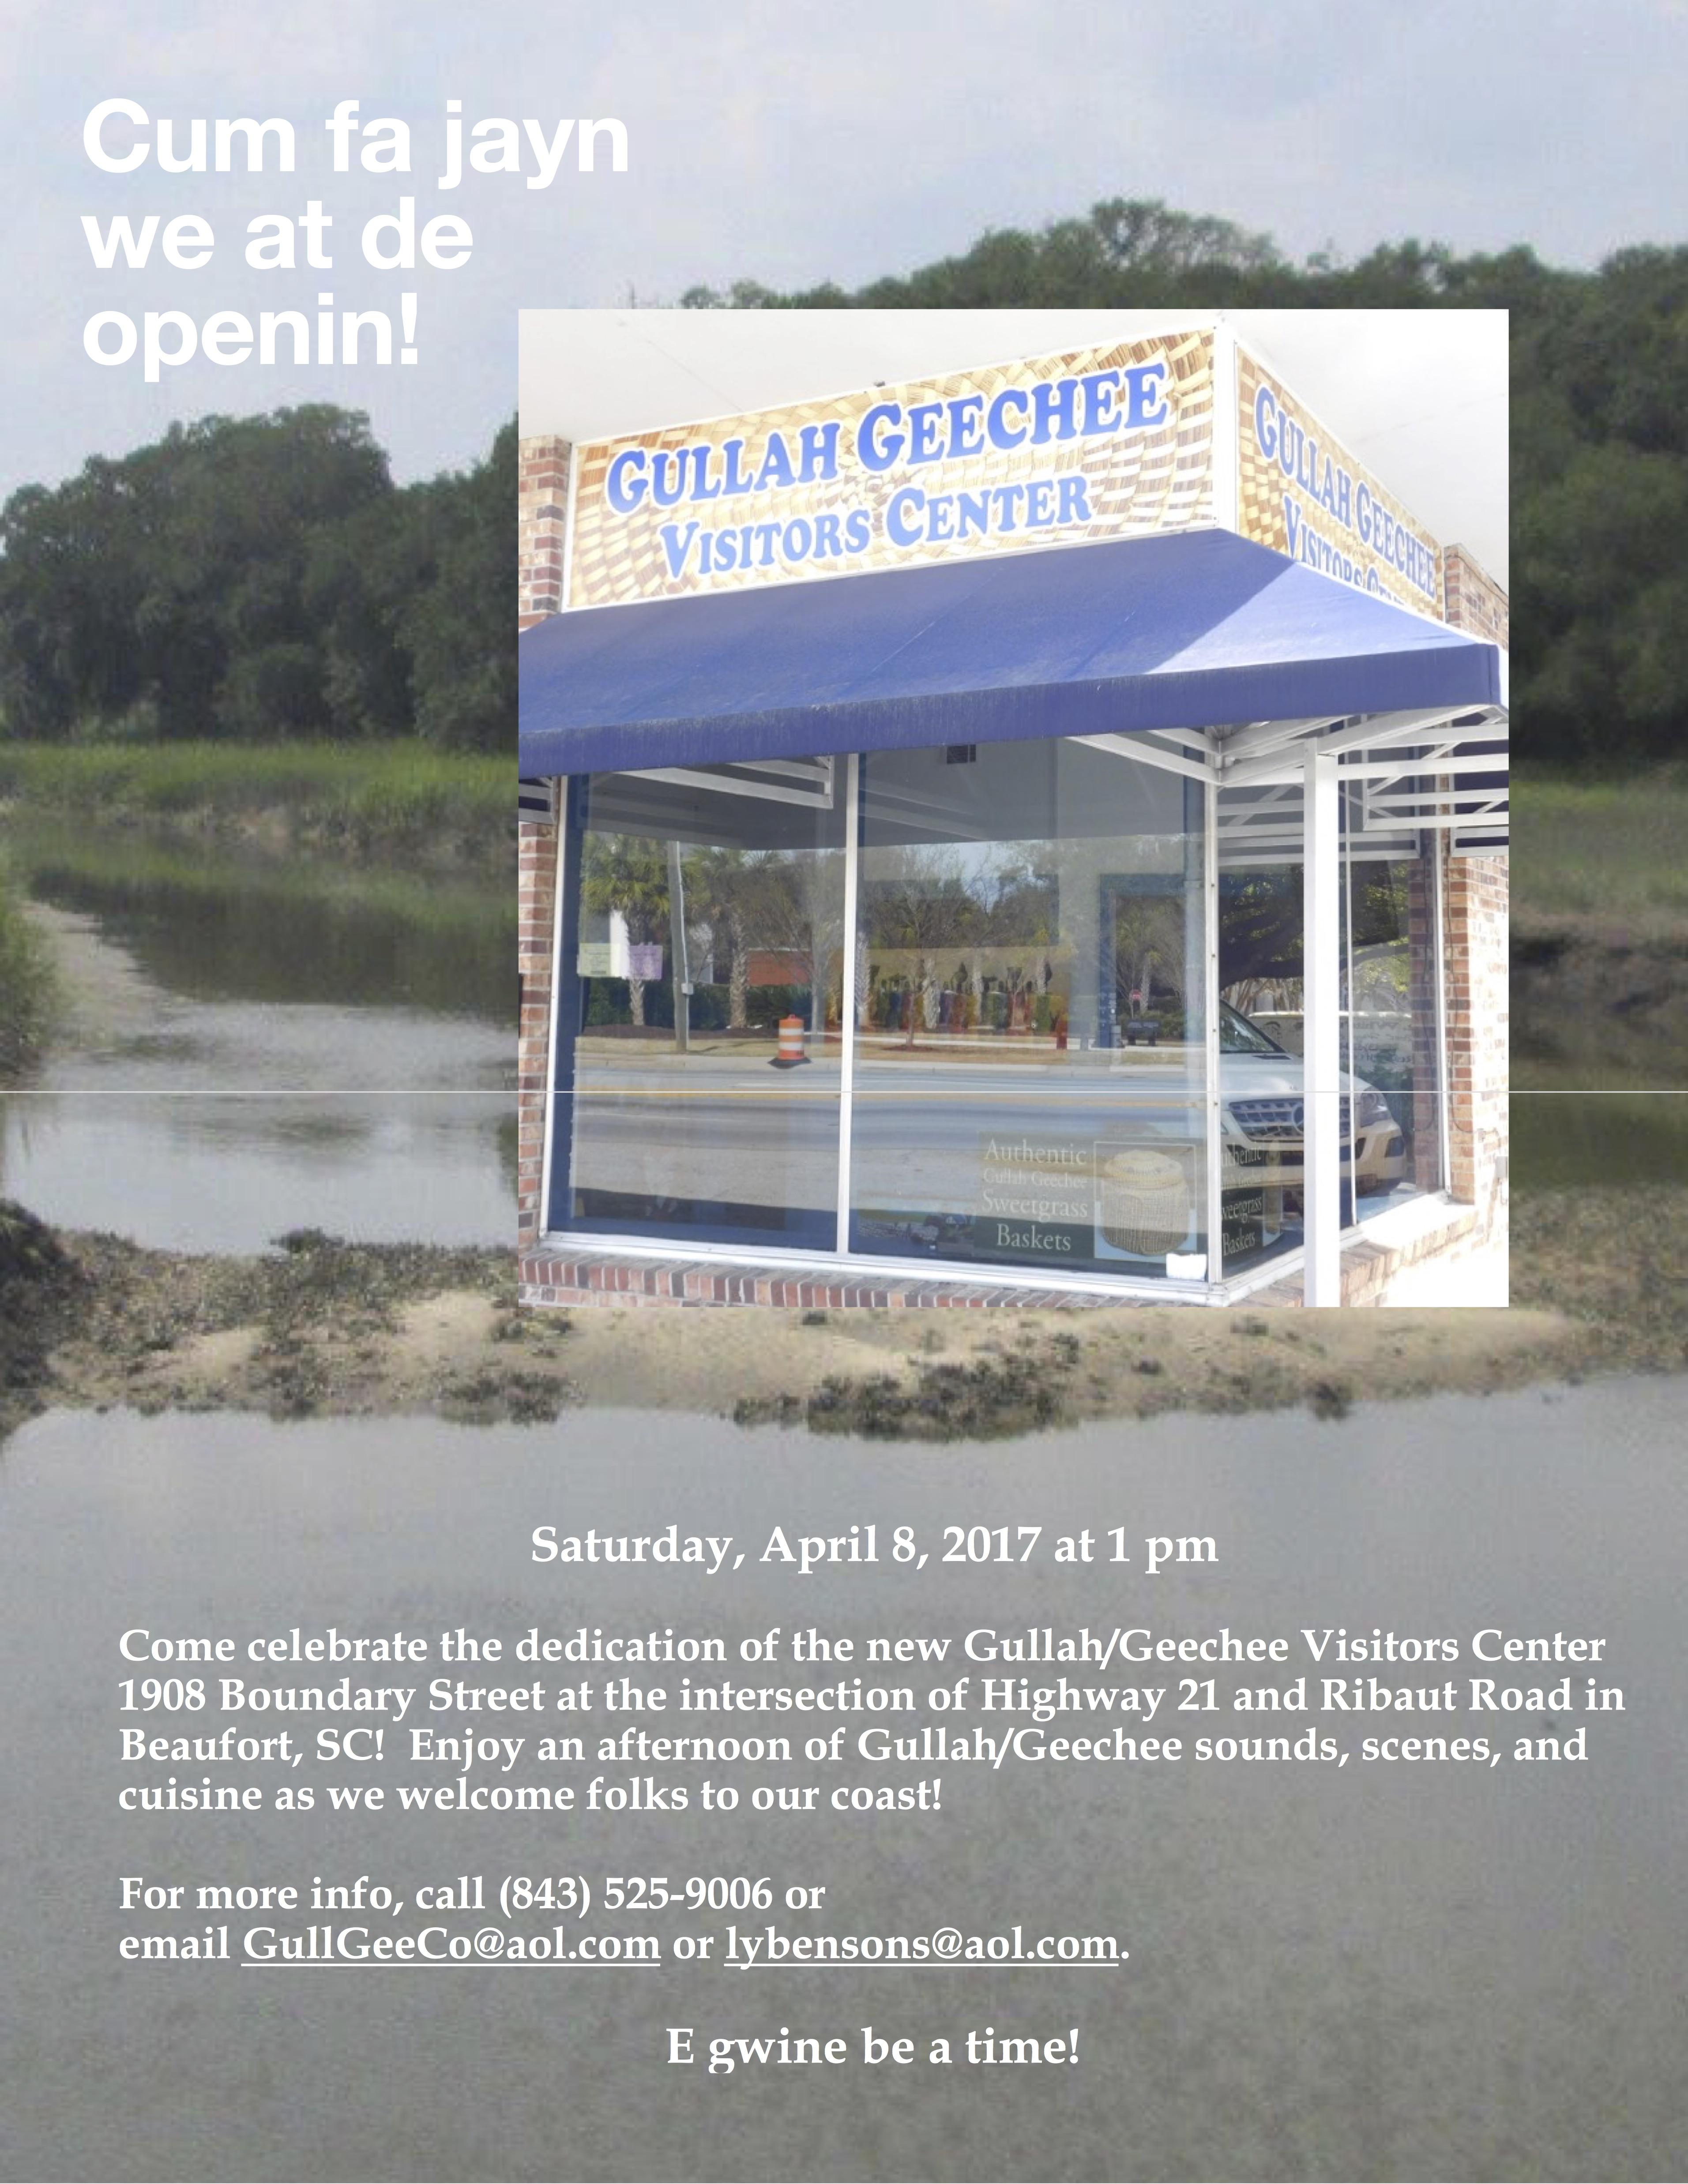 Gullah Geechee Visitors Center Grand Opening Gullah Geechee Nation